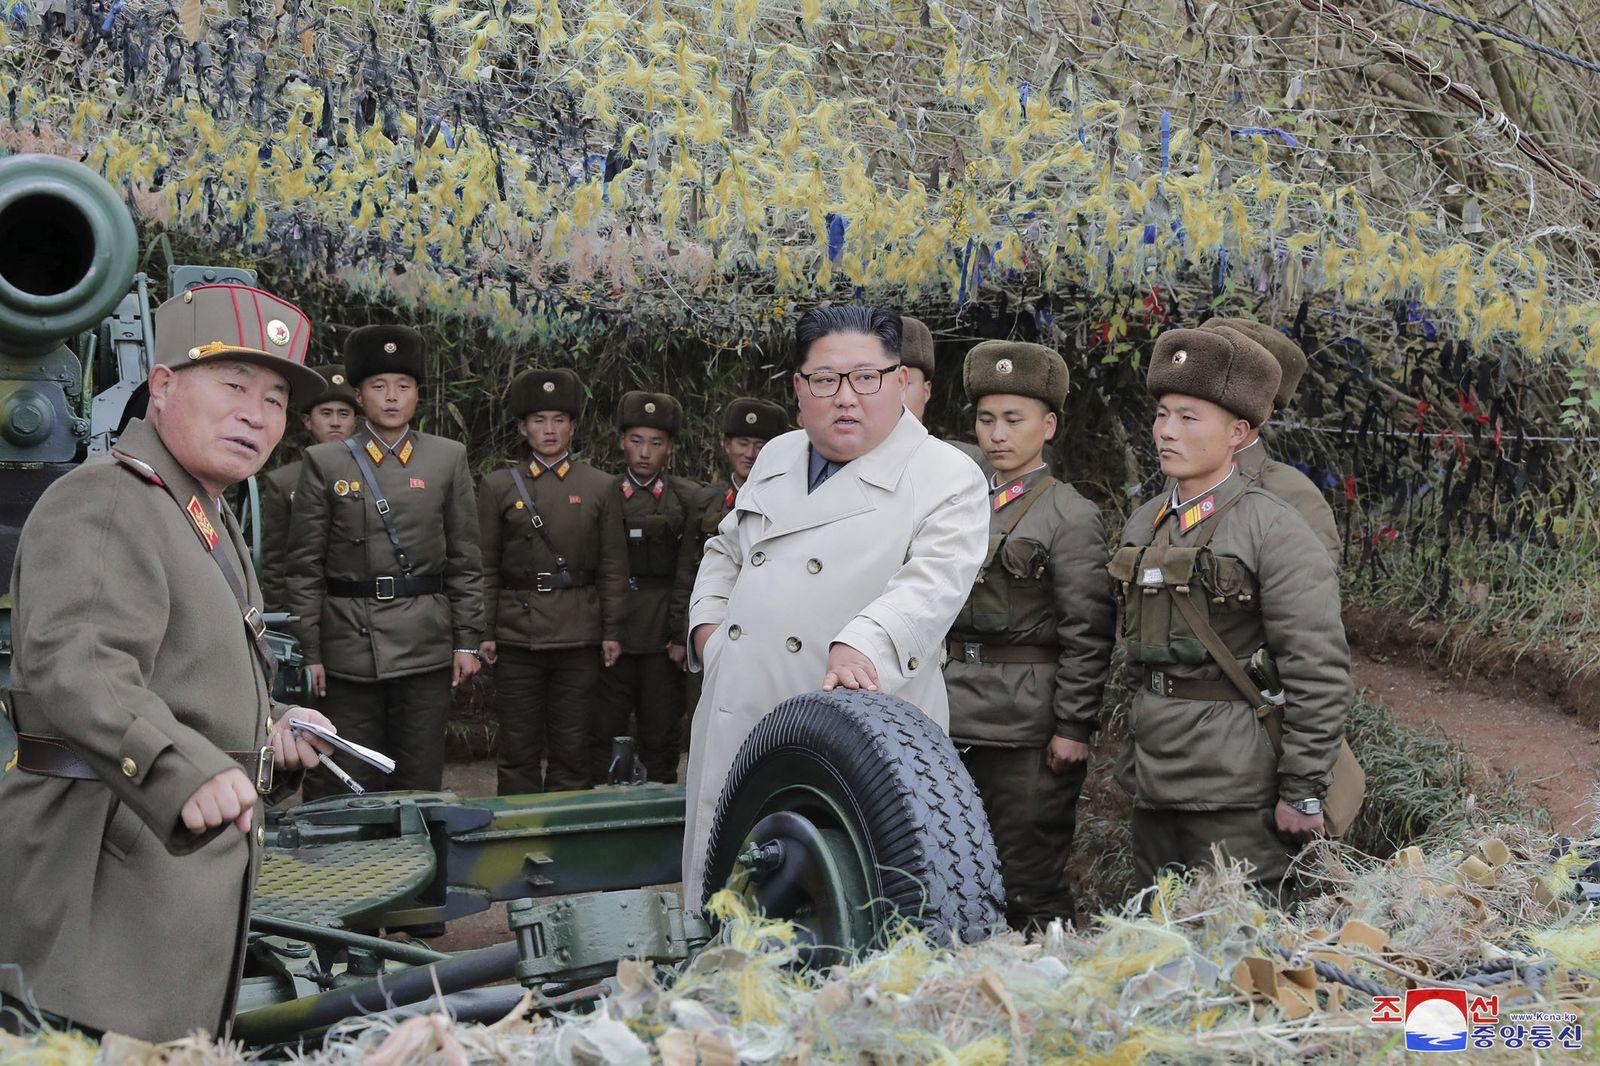 Kim Jong Un/ Nordkorea